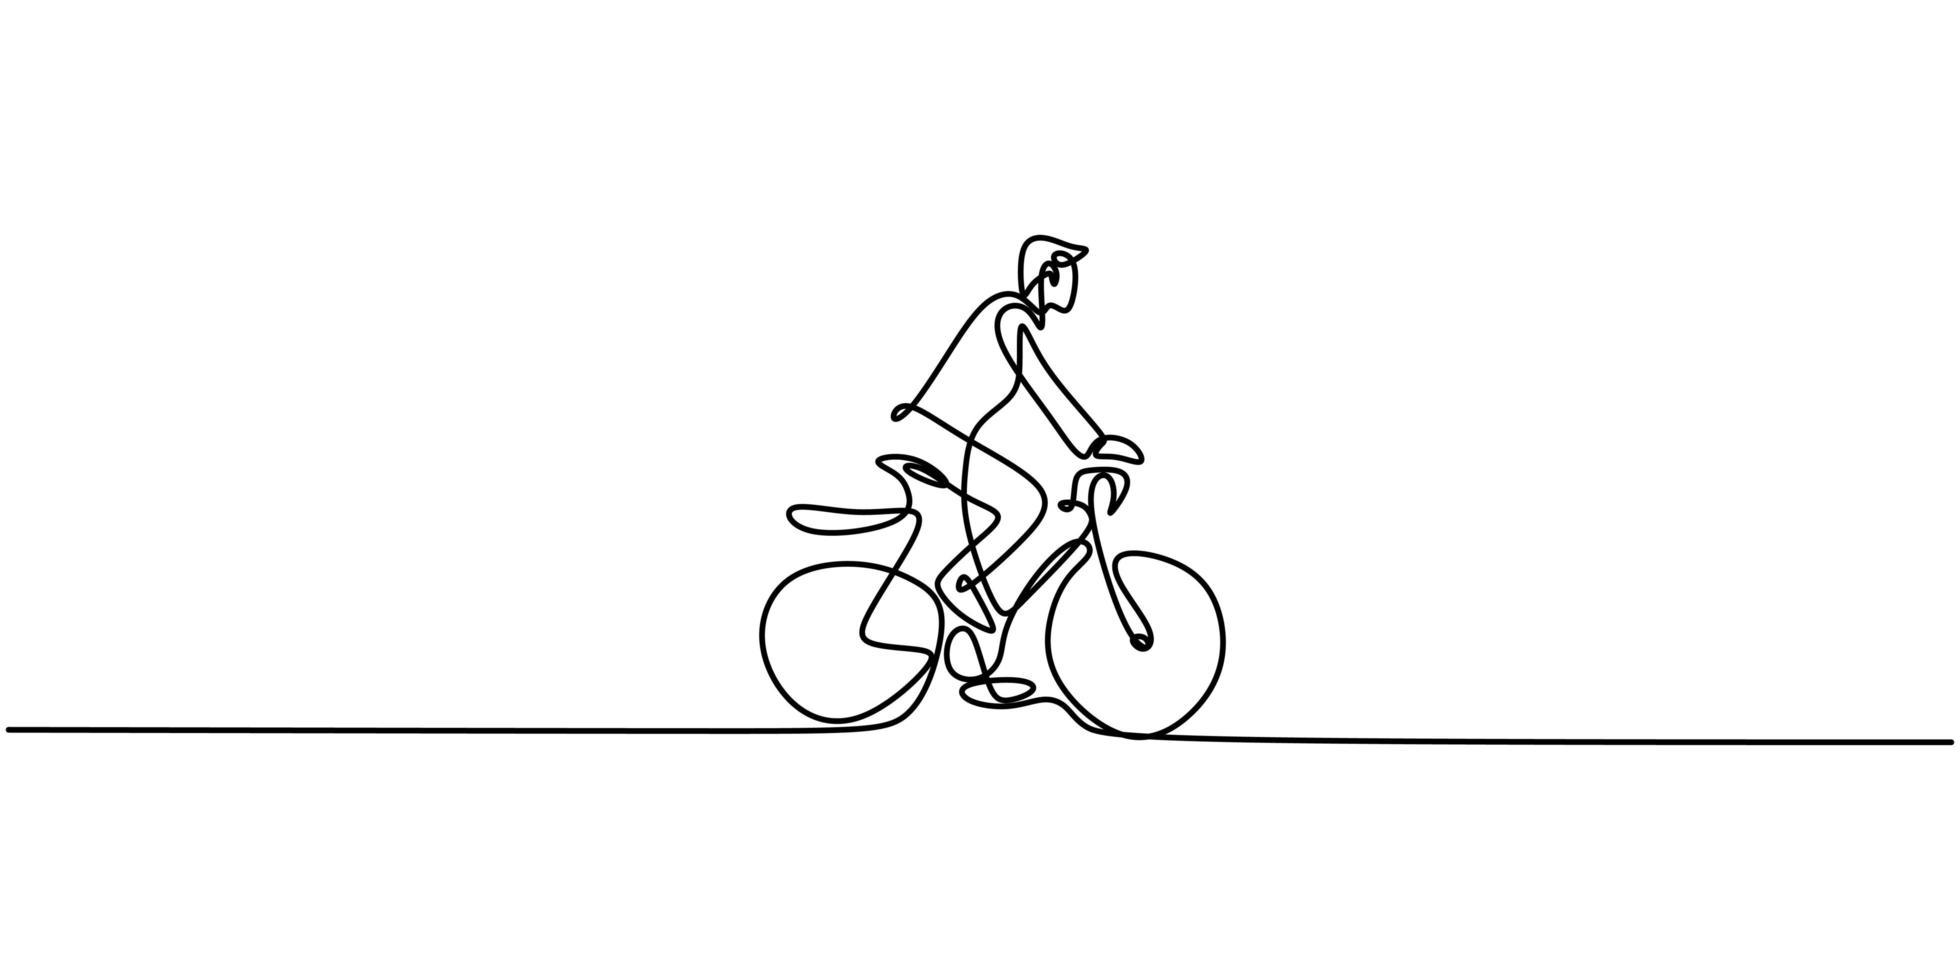 continu une ligne dessinant l'homme sur un vélo. vecteur